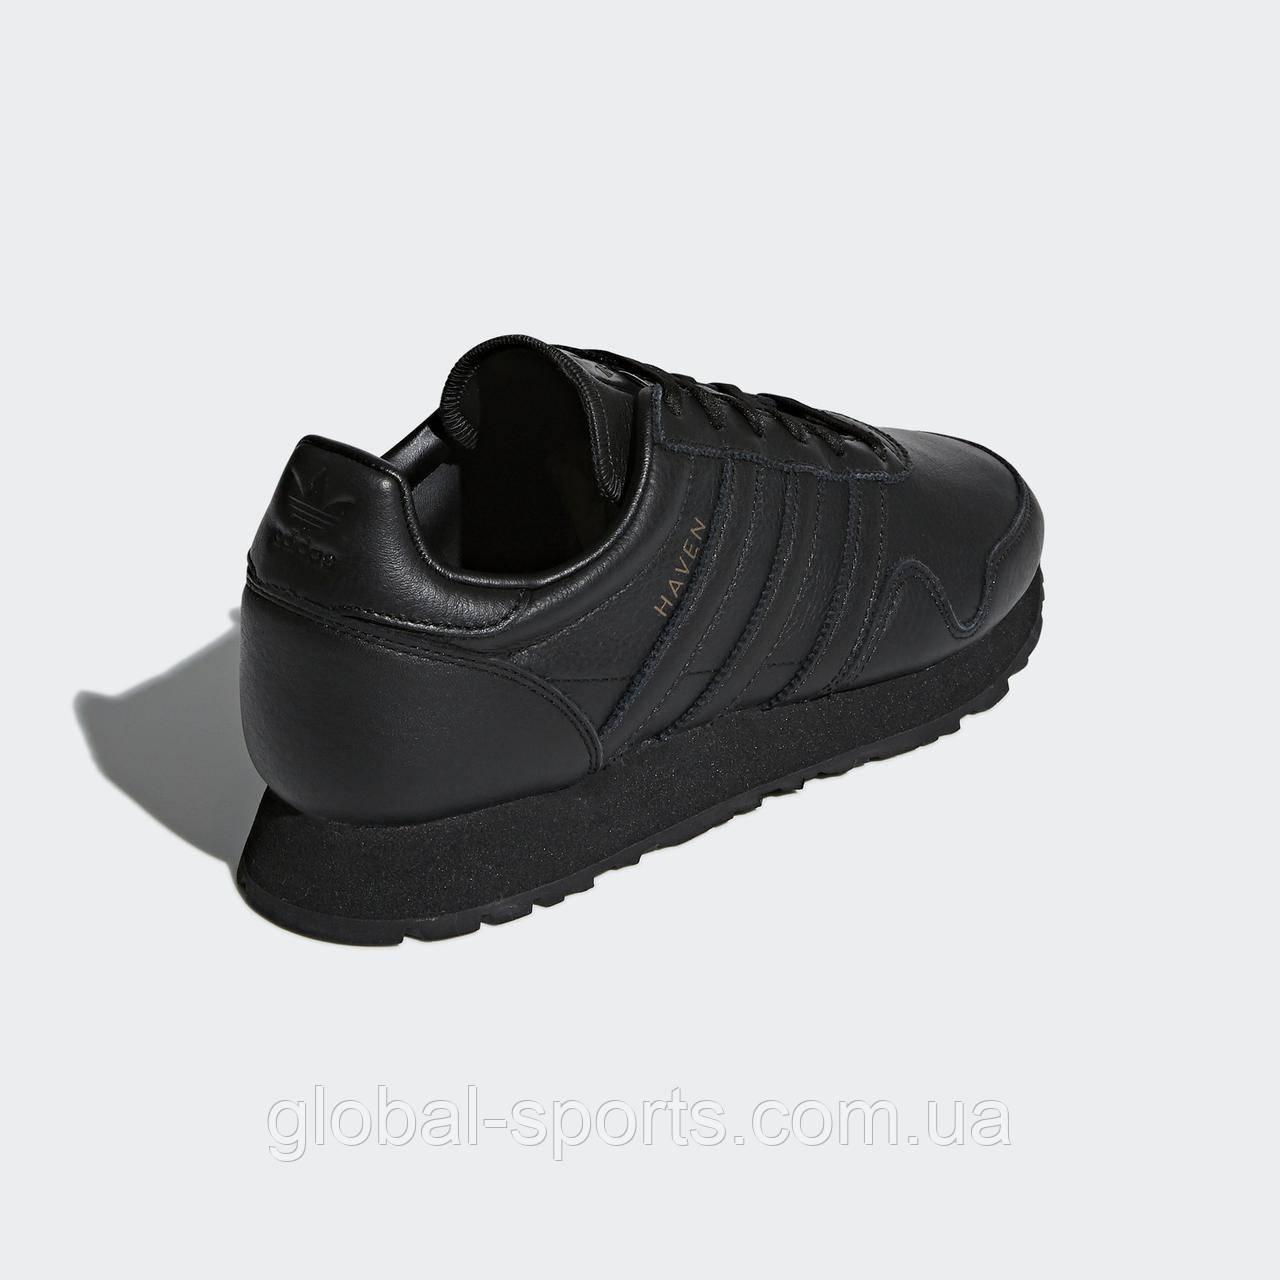 6ccab4d0 Мужские кроссовки Adidas Originals HAVEN (Артикул: CQ3036): продажа ...